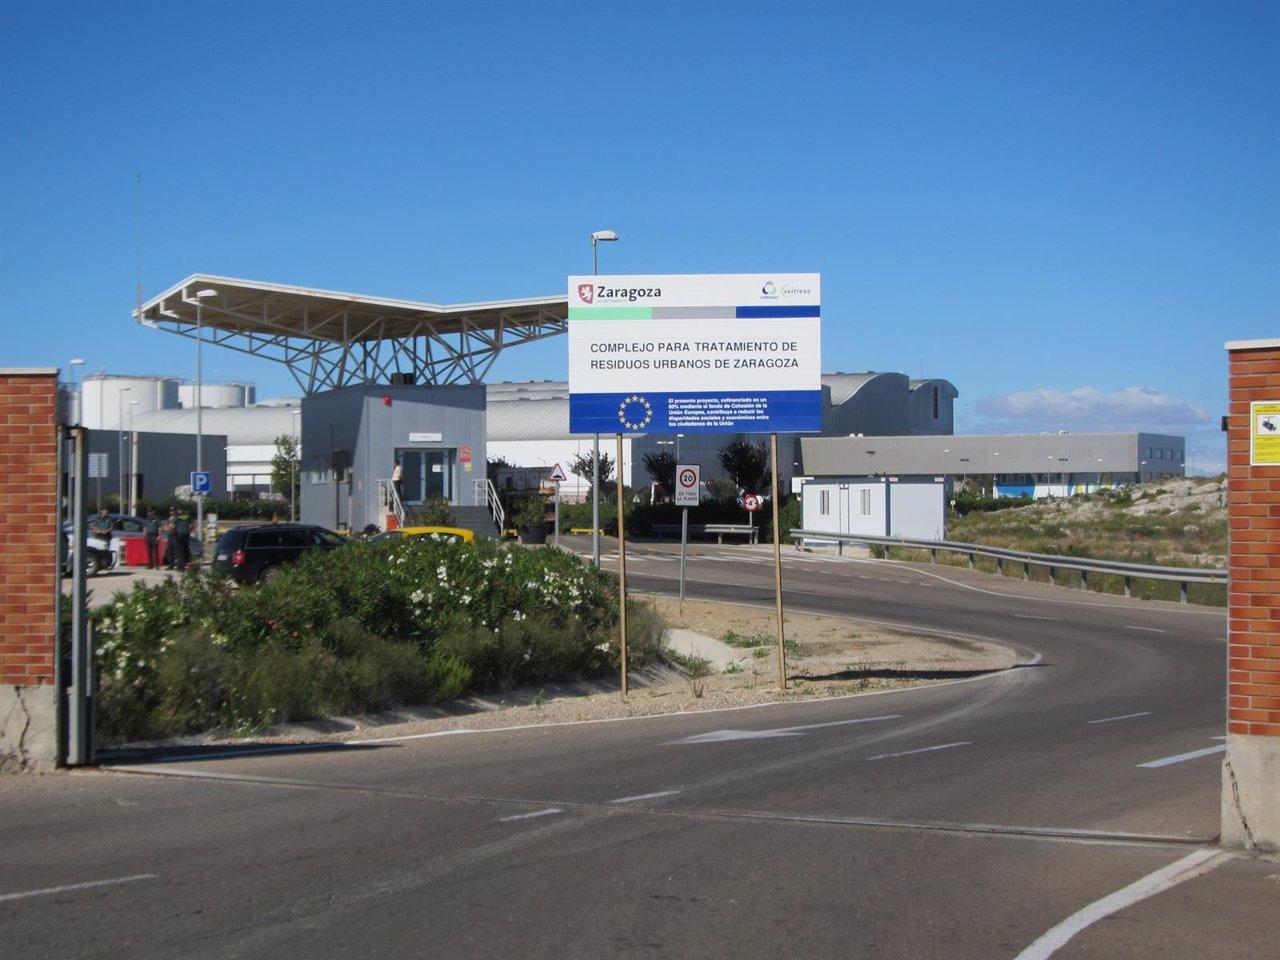 CTRUZ (Ecovertedero) de Zaragoza